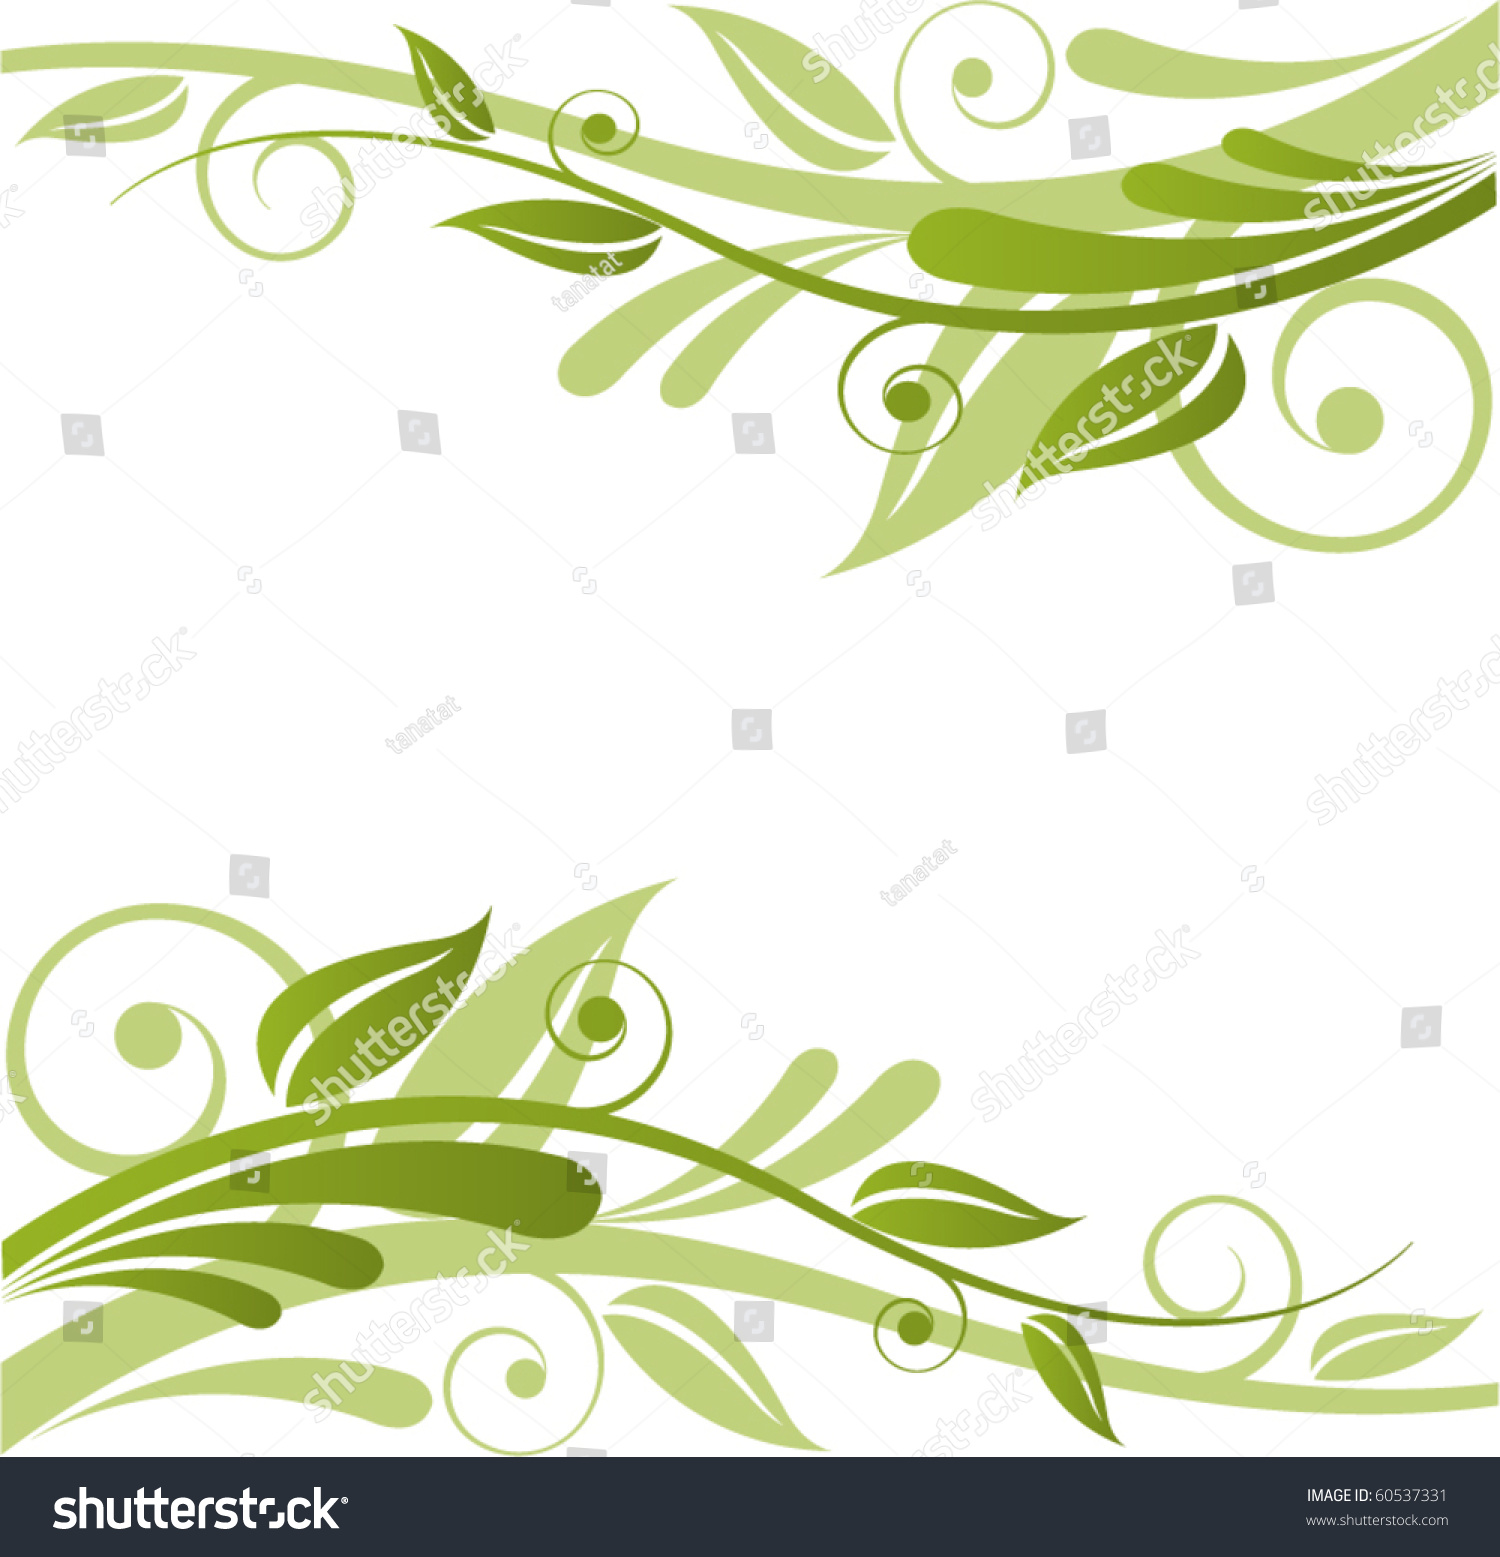 单子叶植物叶表皮显微结构图